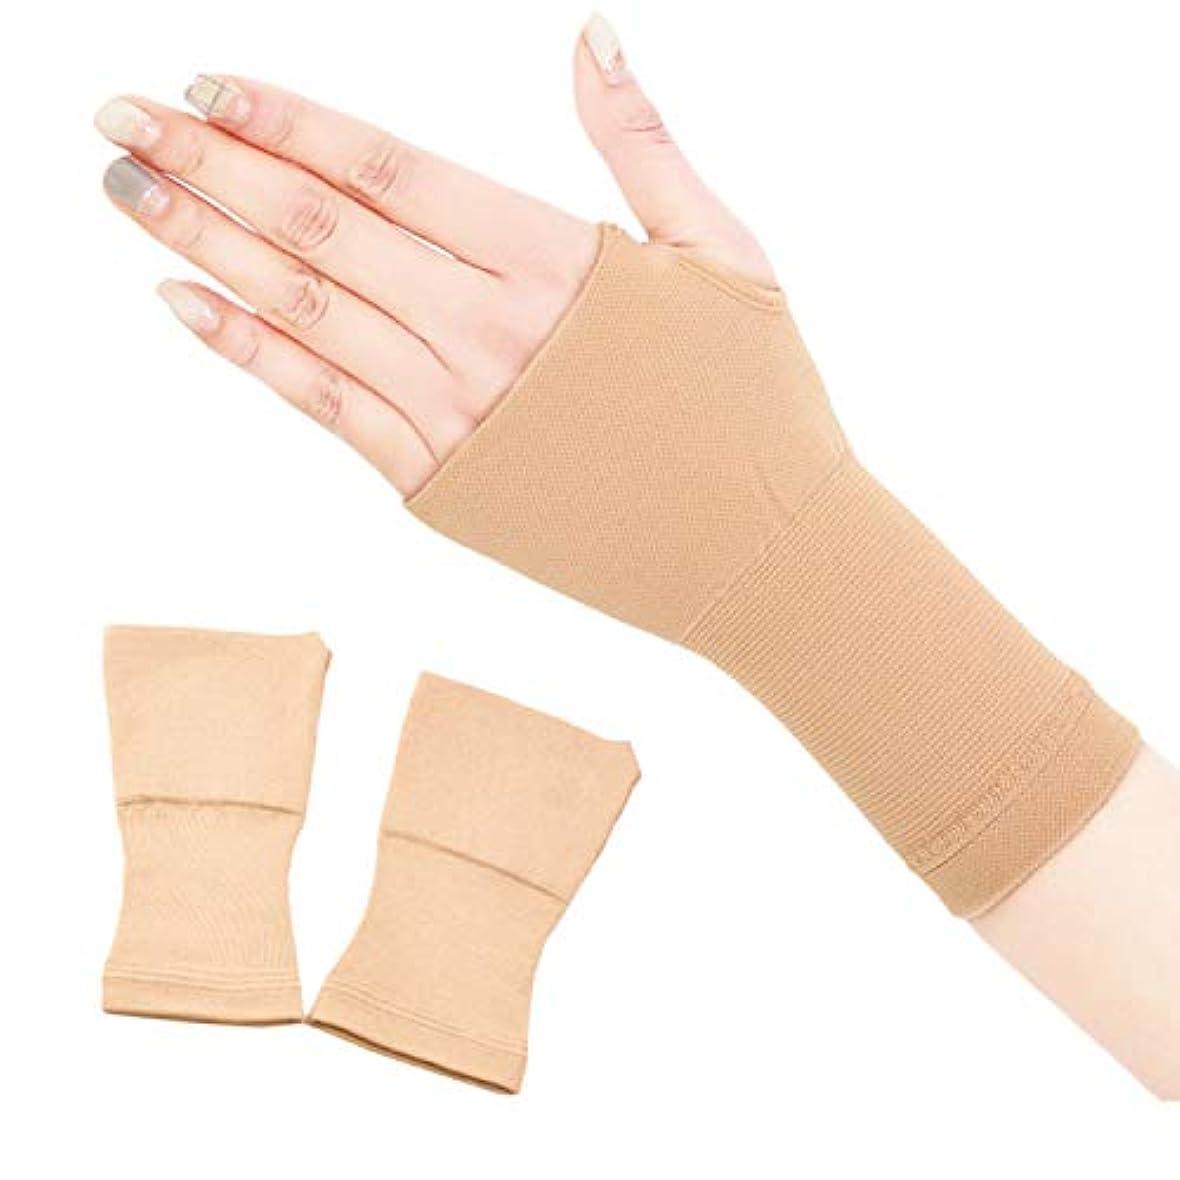 怪しいこどもの日農村関節痛のための2個の手首サポート手首ラップブレース手根管腱鞘炎圧縮弾性ソフト加リストバンドグレート,L